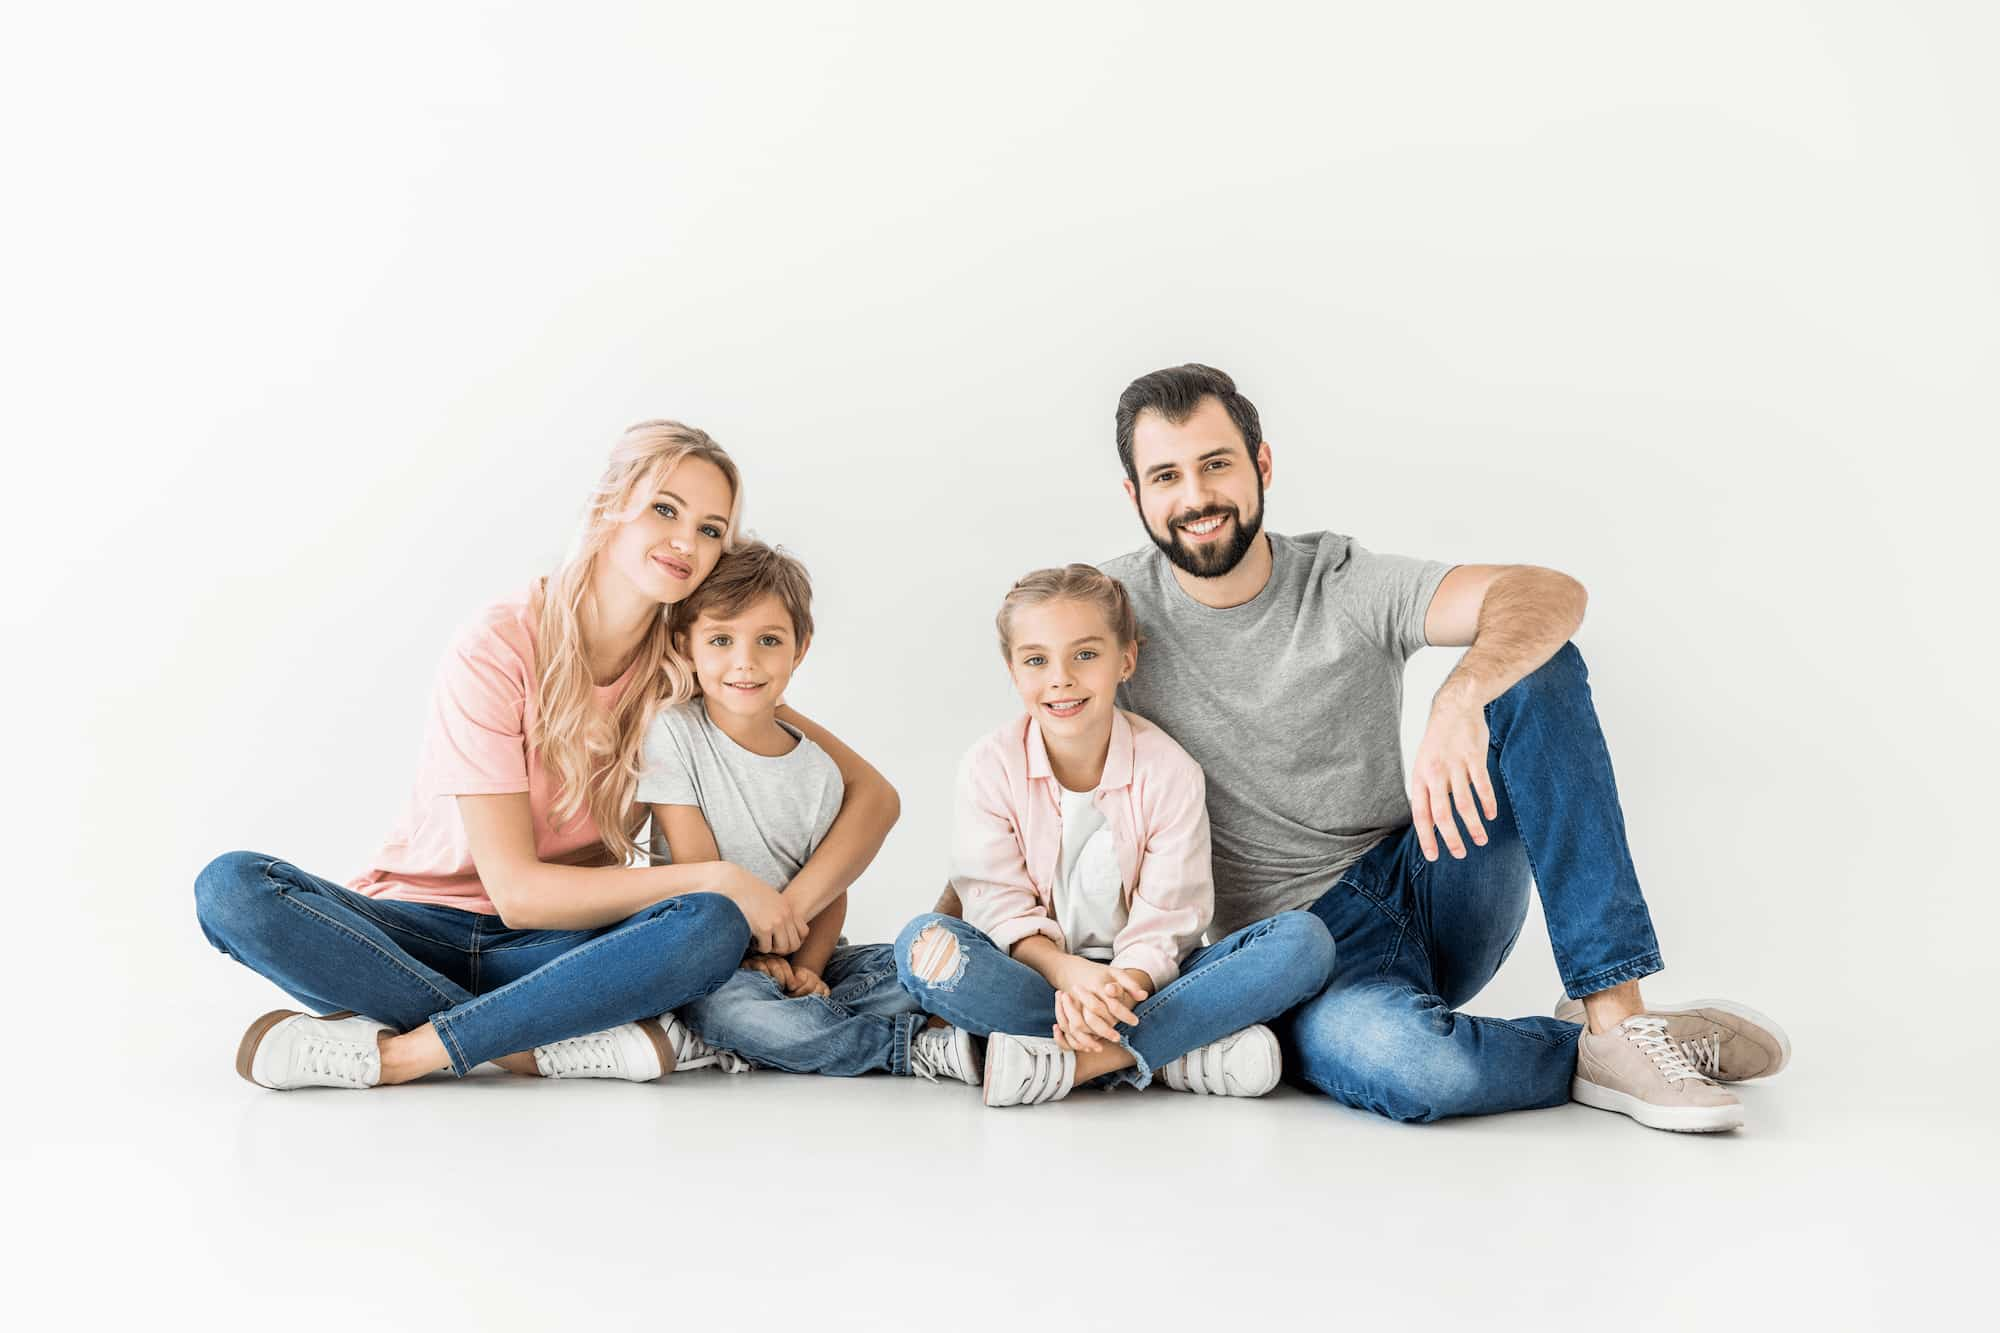 Familie - Eltern mit Sohn und Tochter